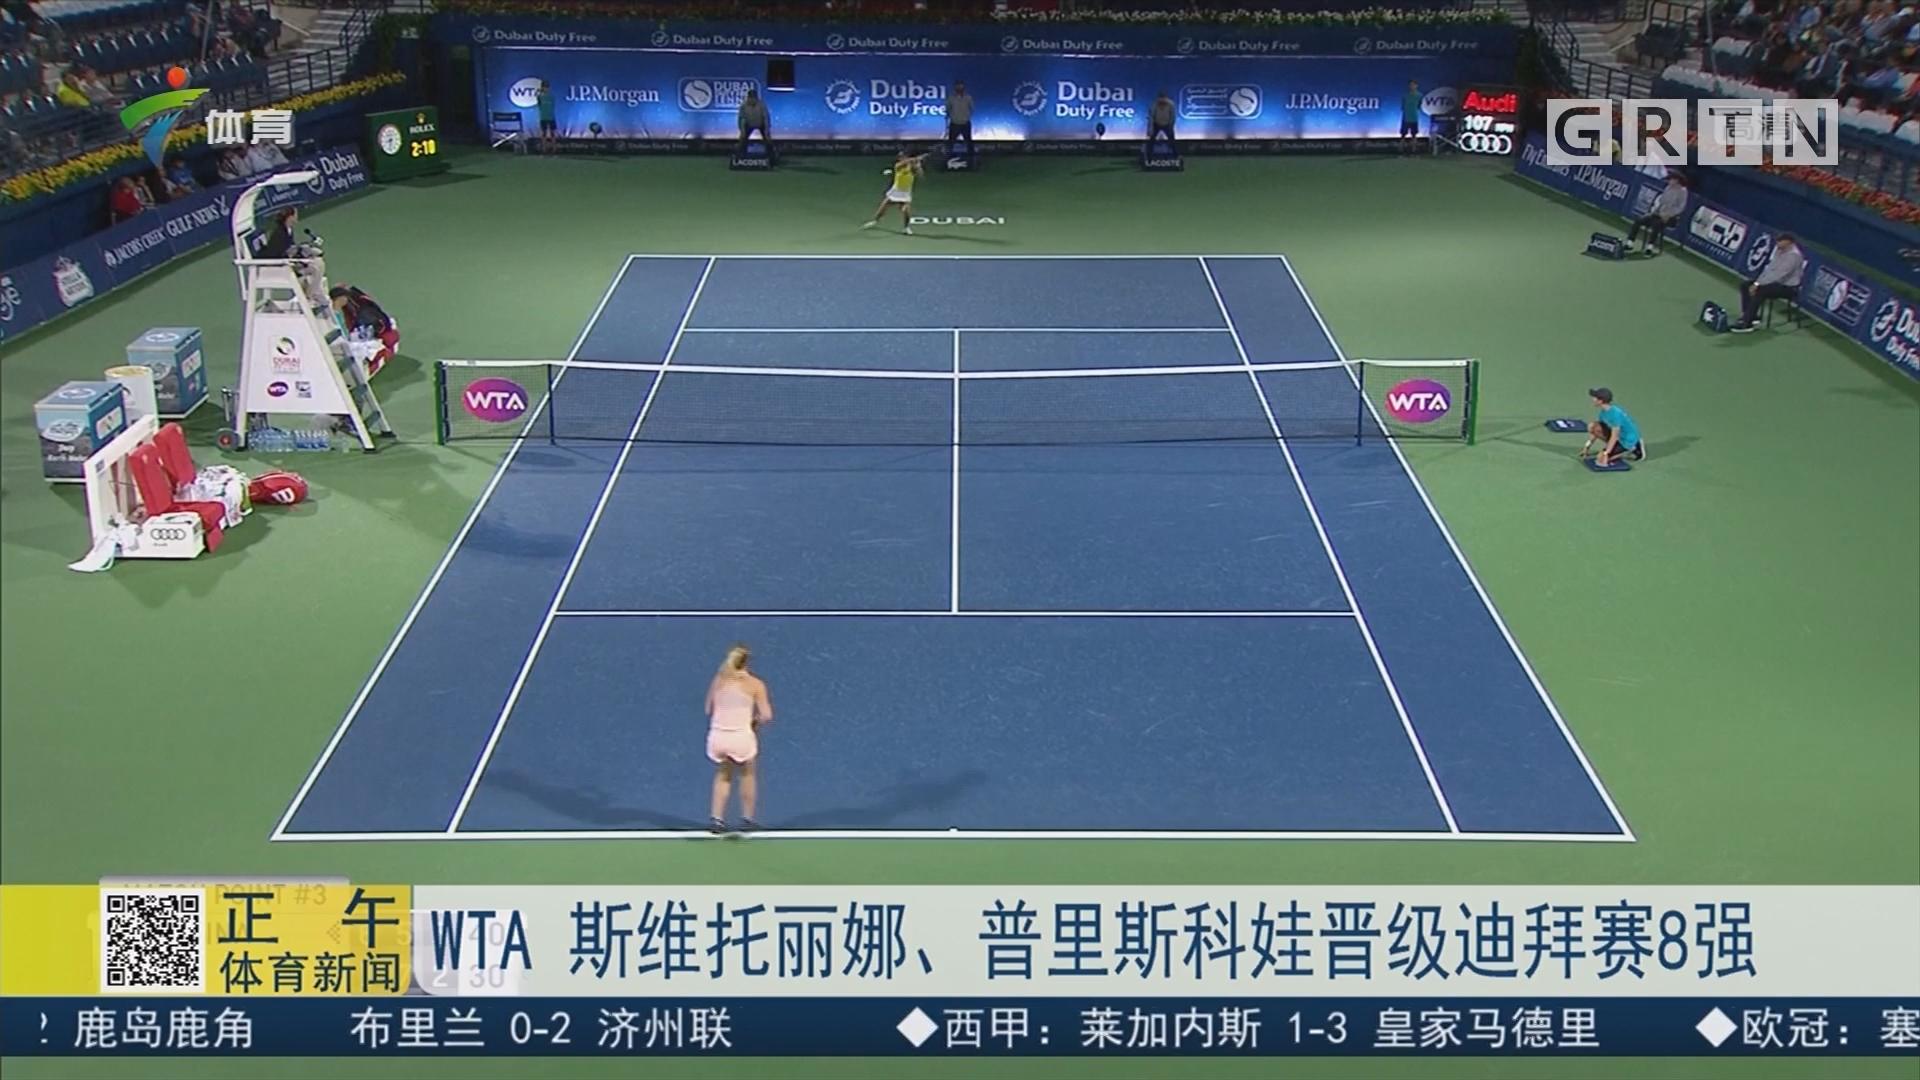 WTA 斯维托丽娜、普利斯科娃晋级迪拜赛8强